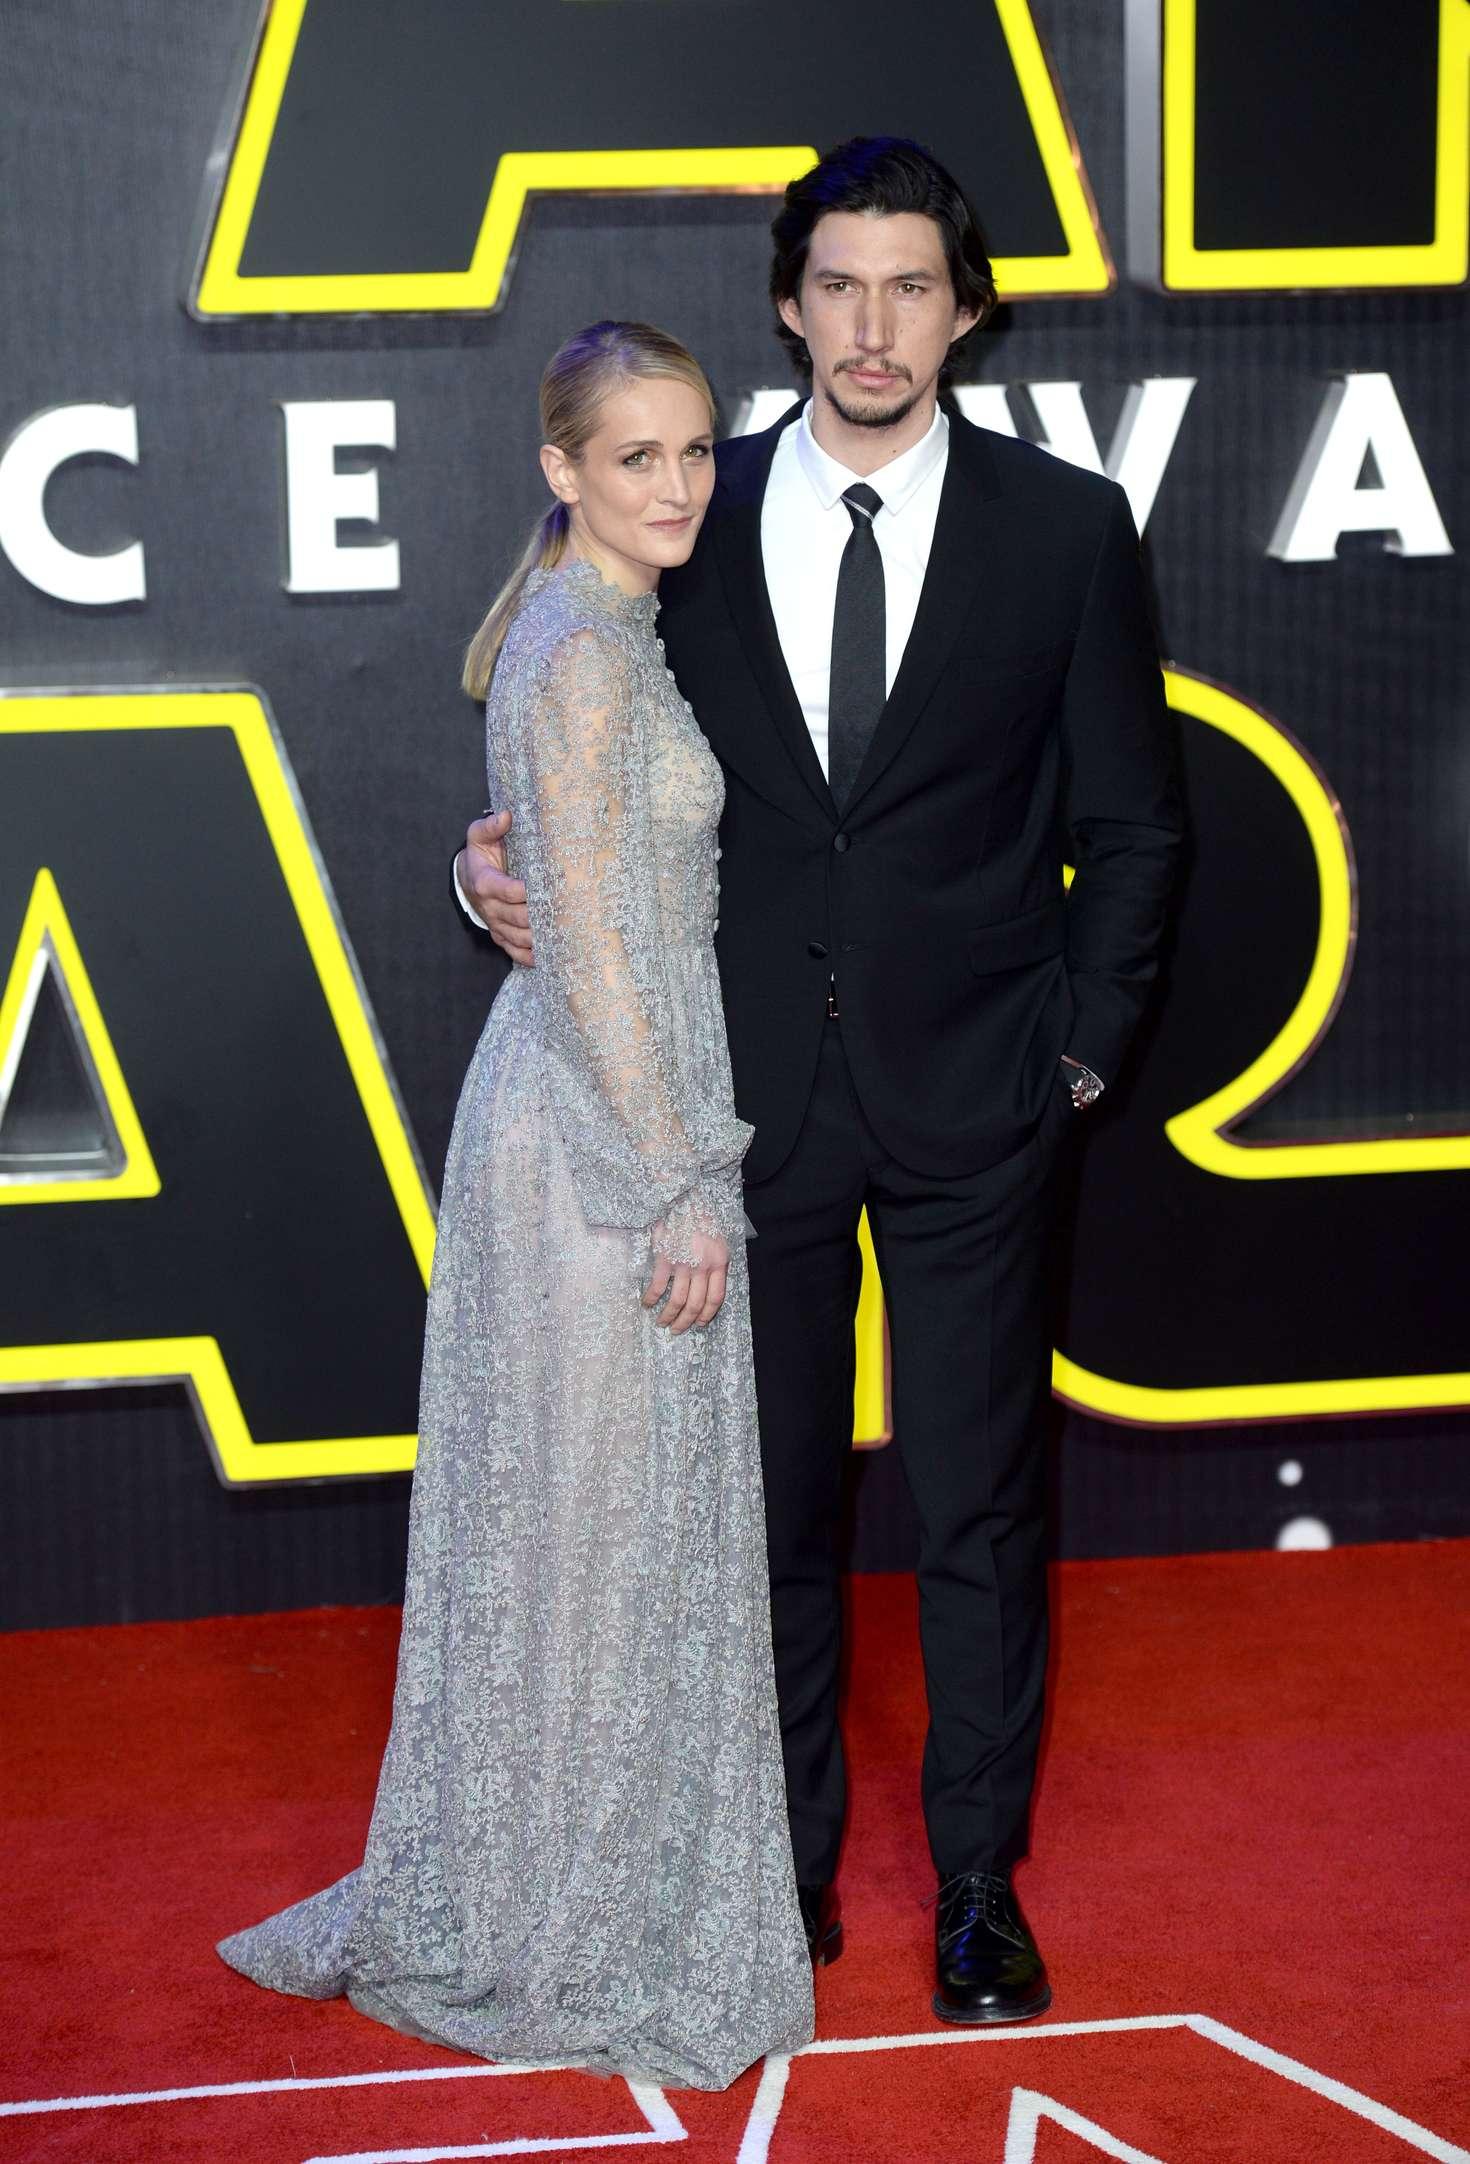 Joanne Tucker Star Wars The Force Awakens Premiere in London-1